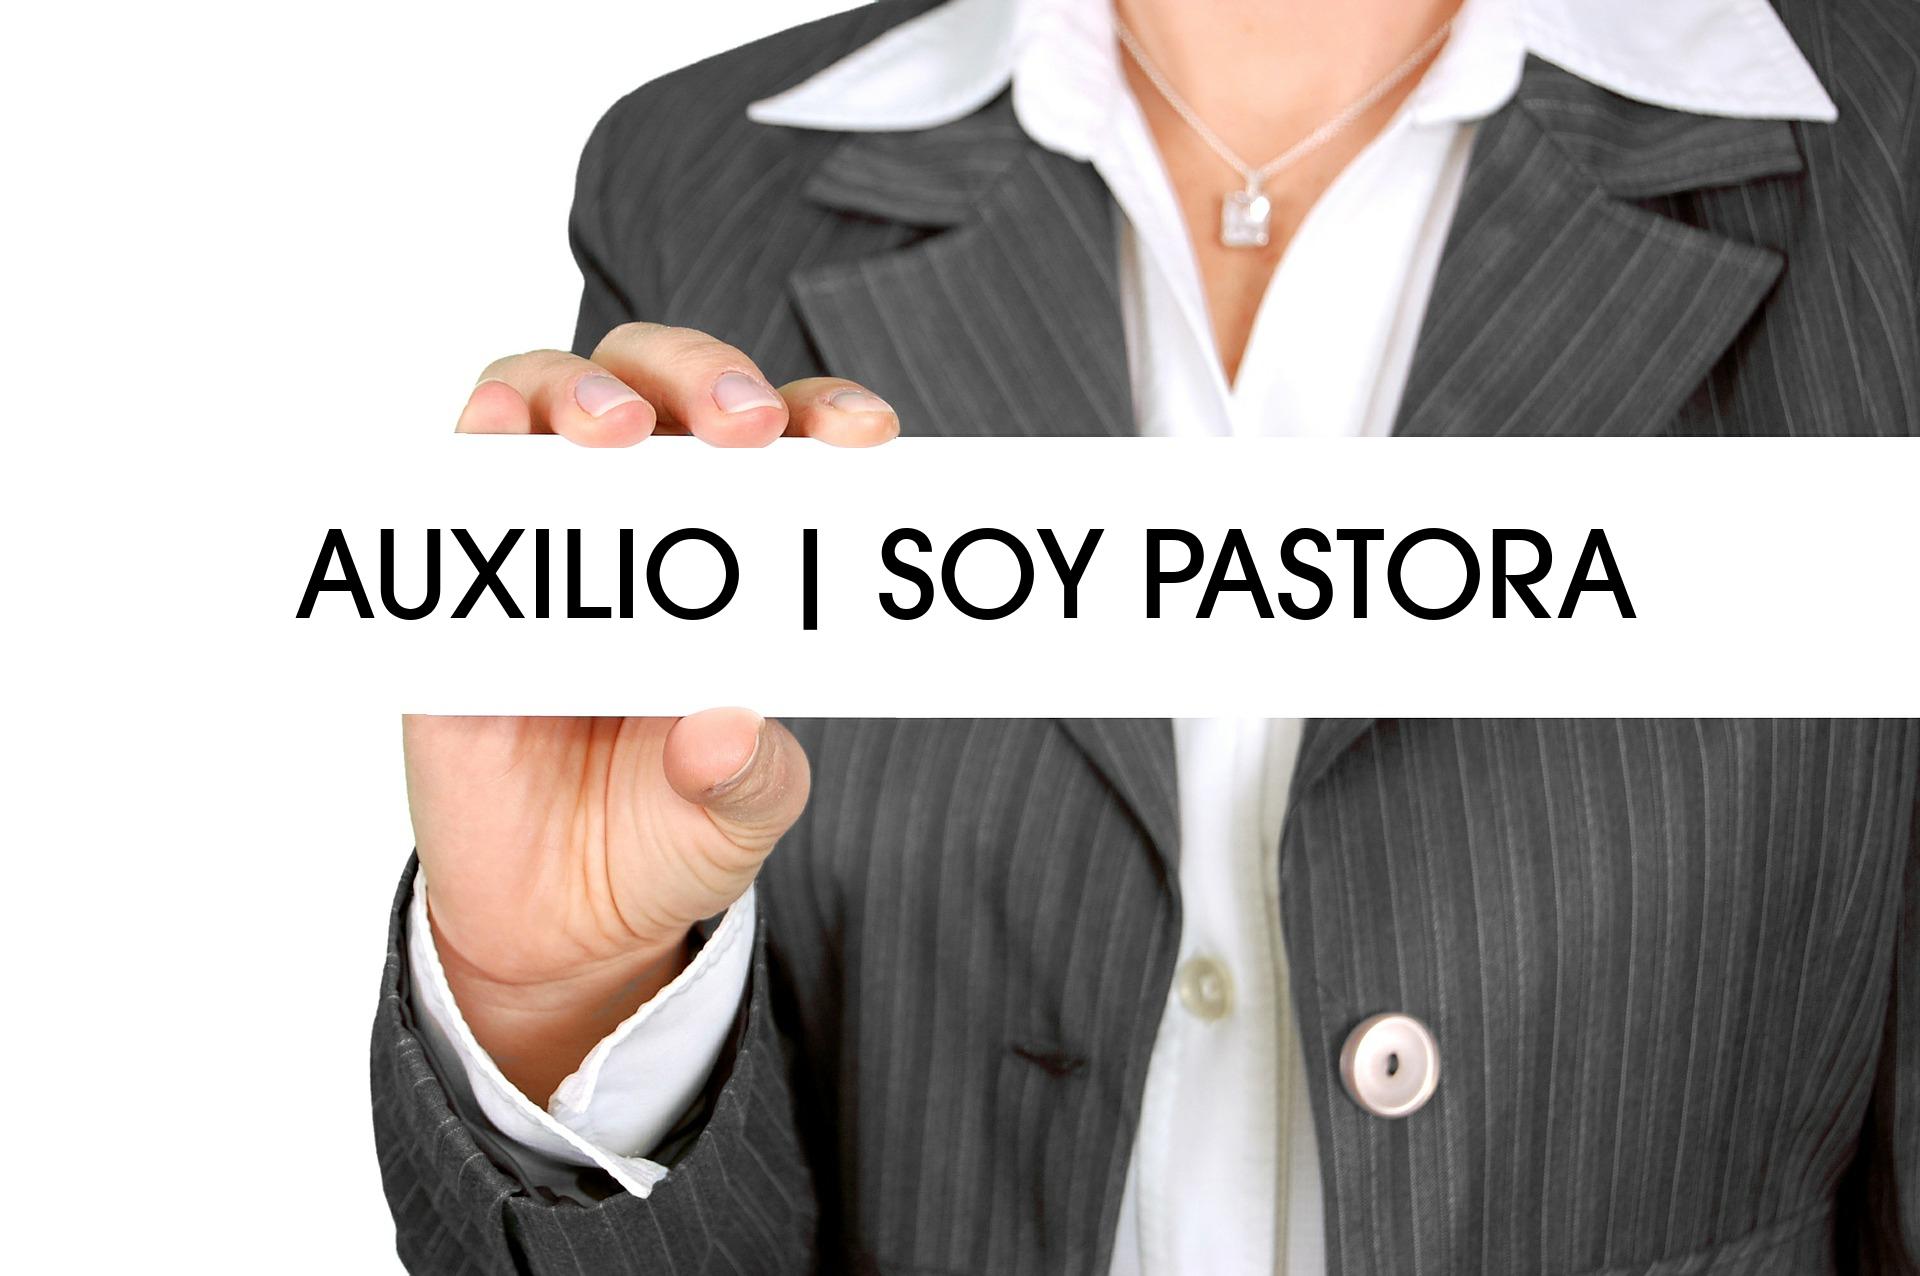 ¿Pueden las mujeres servir como pastoras? | Chat Pastoral